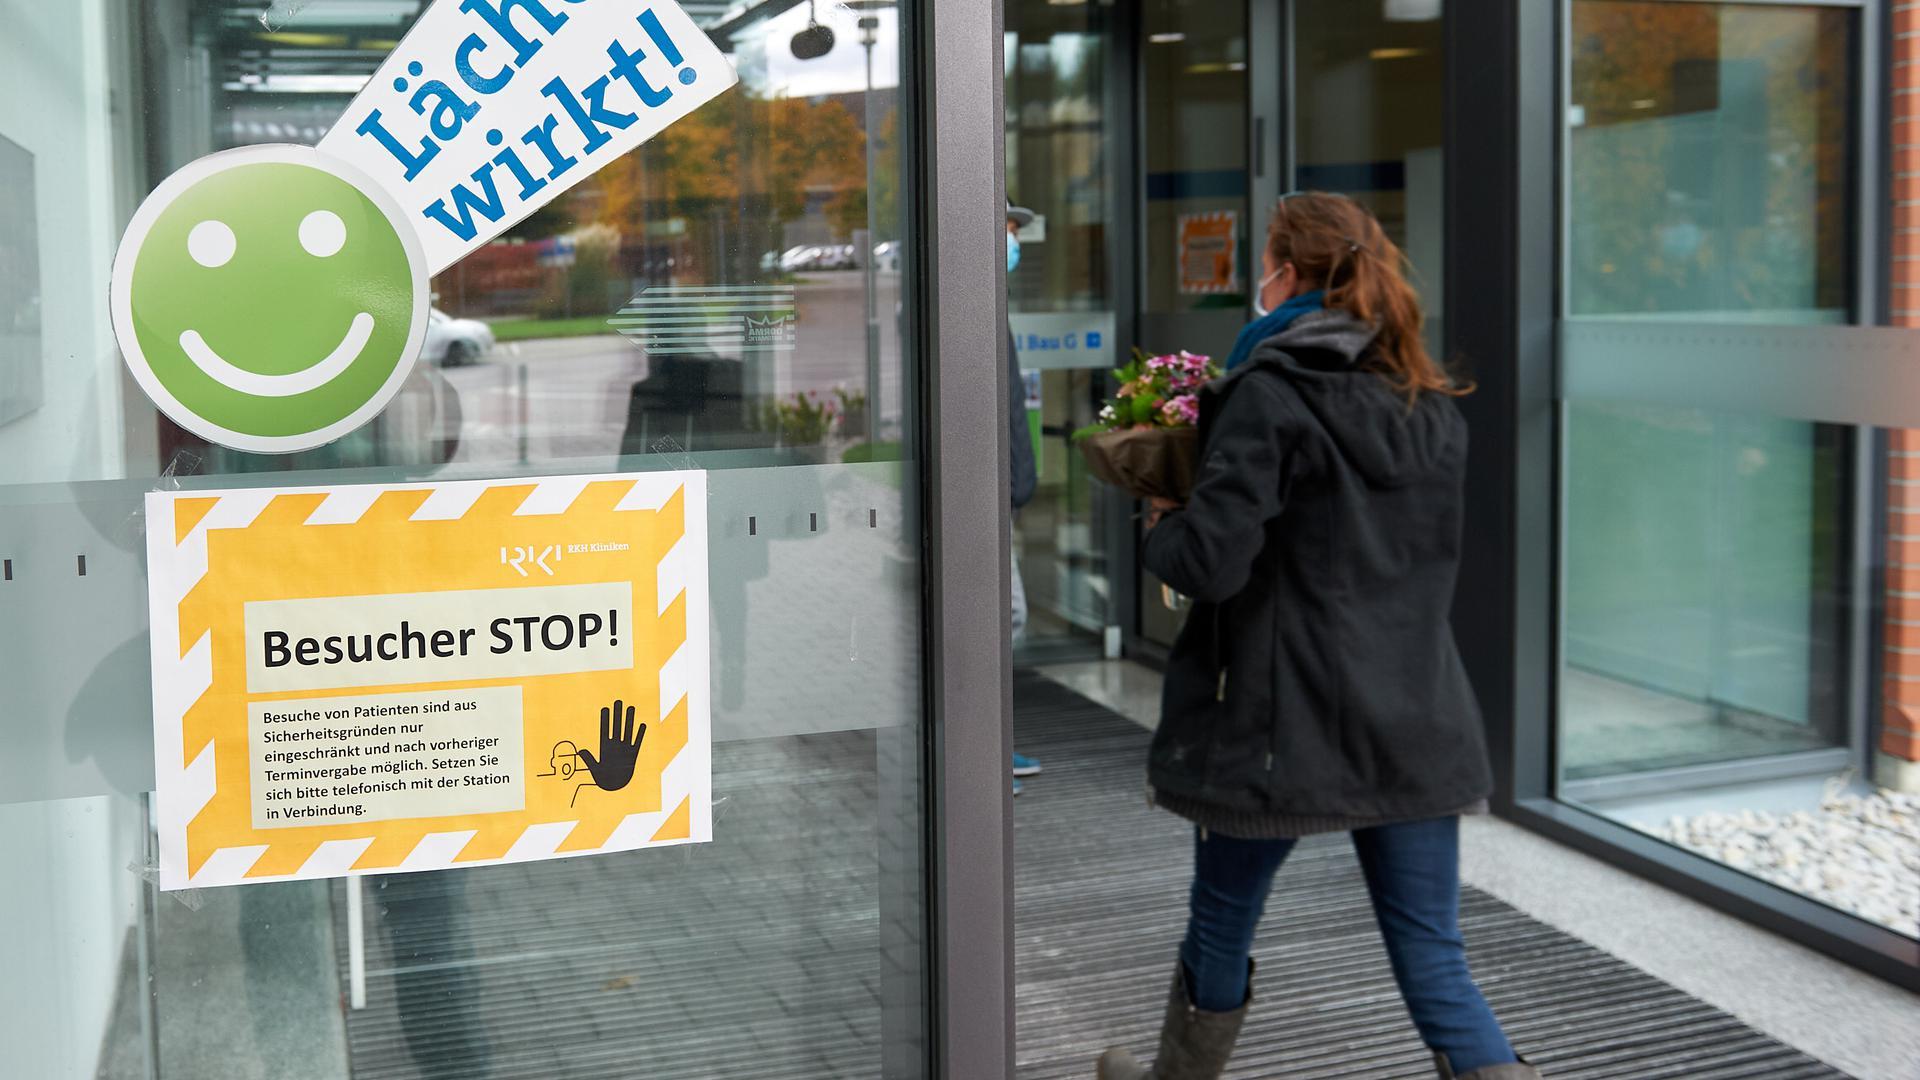 Besucherstopp in Fürst-Stirum-Klinik